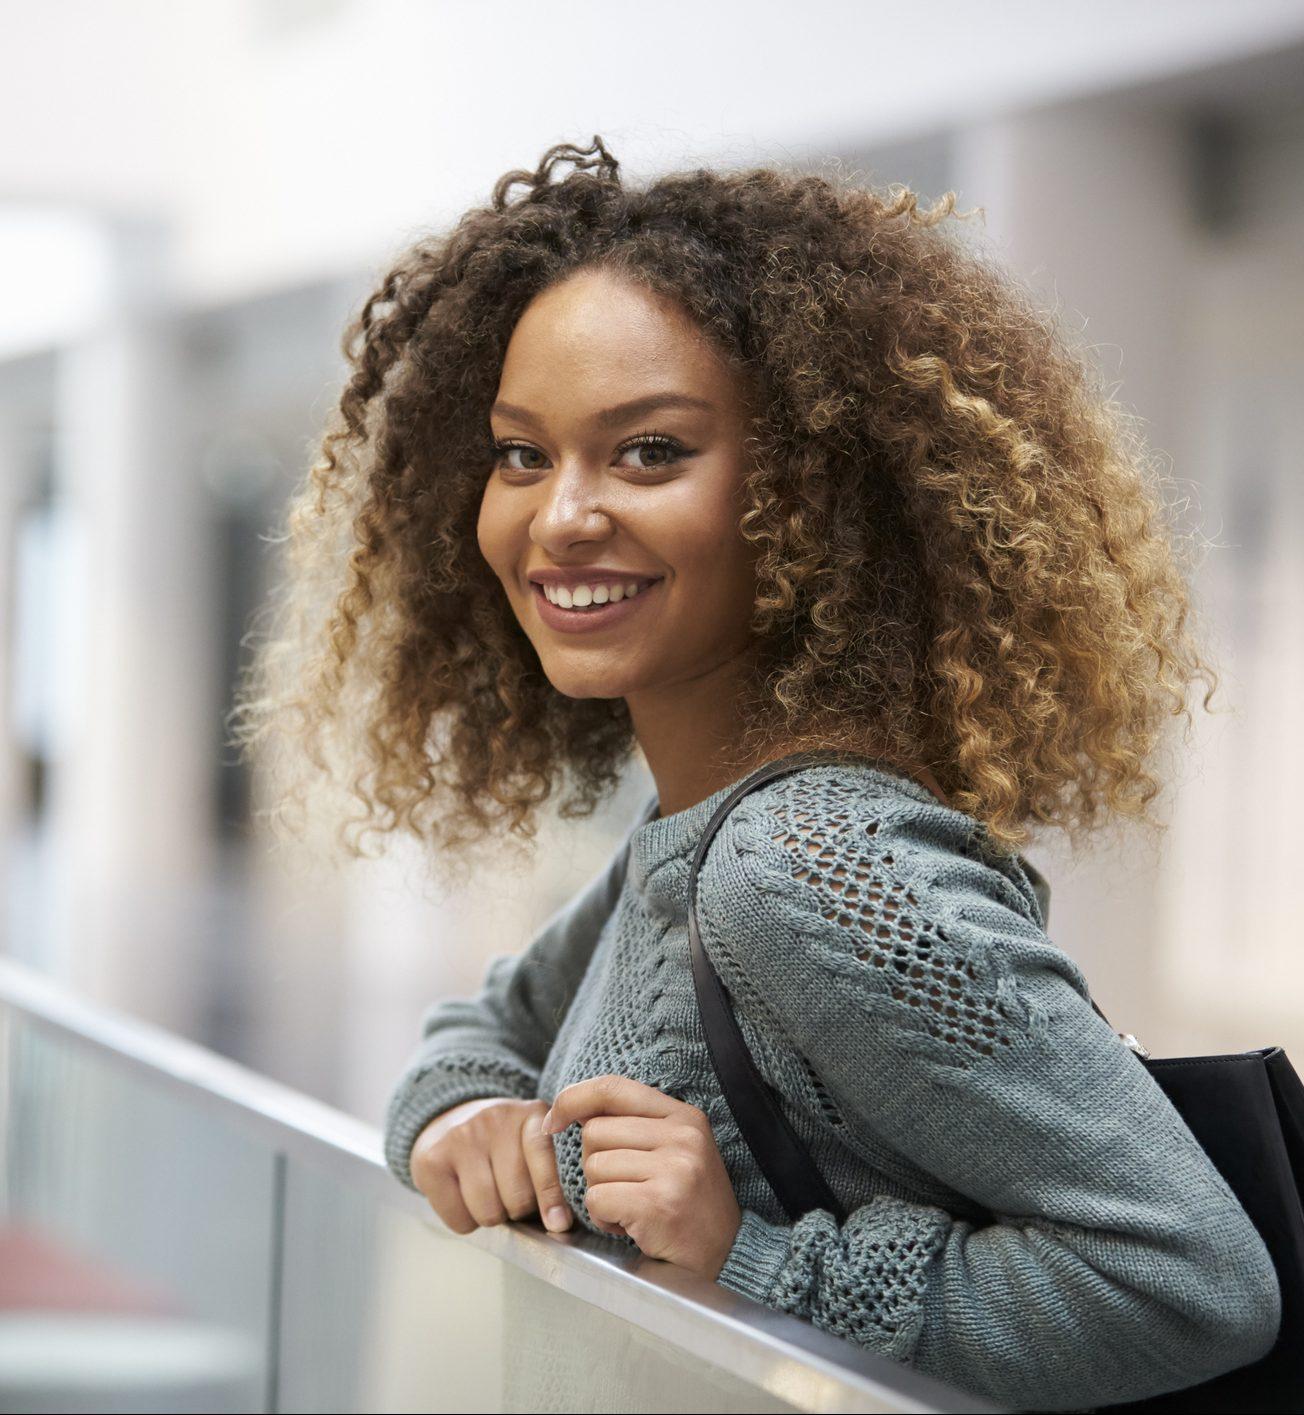 cabelo loiro e1555948005128 - Dúvidas sobre cabelos coloridos? Respondemos à todas elas para você!